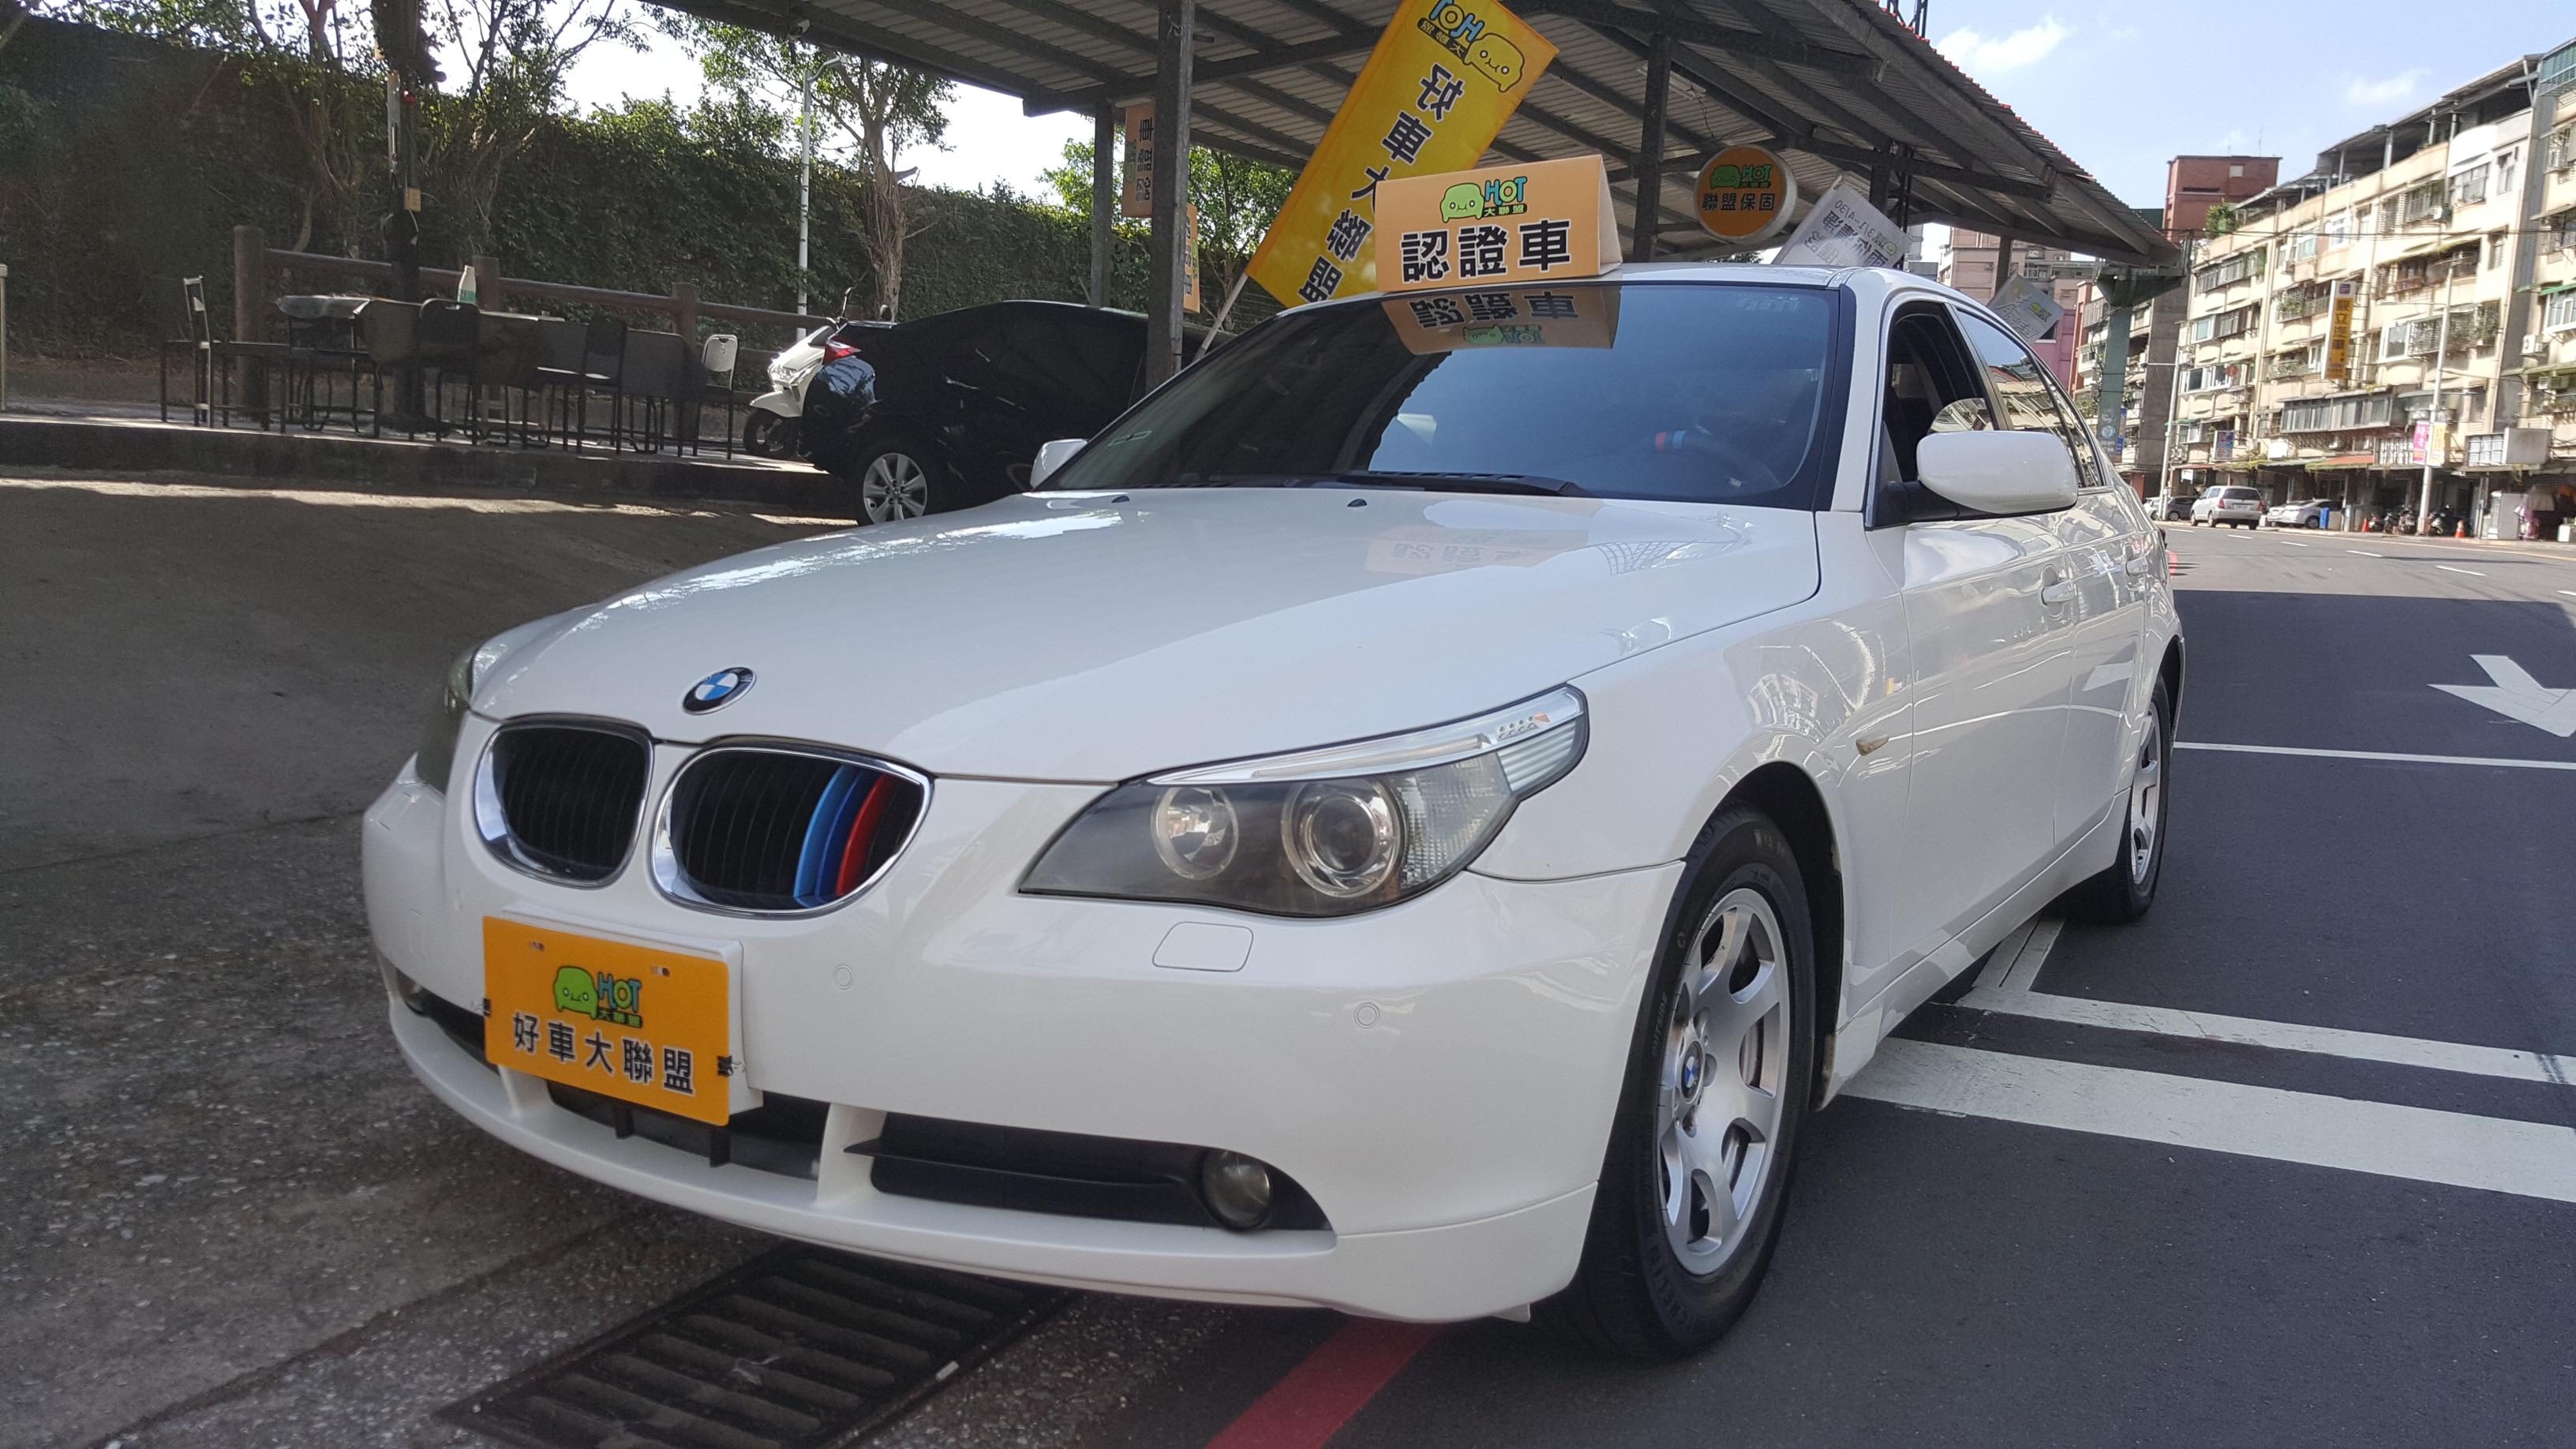 2004 BMW 寶馬 5-series sedan